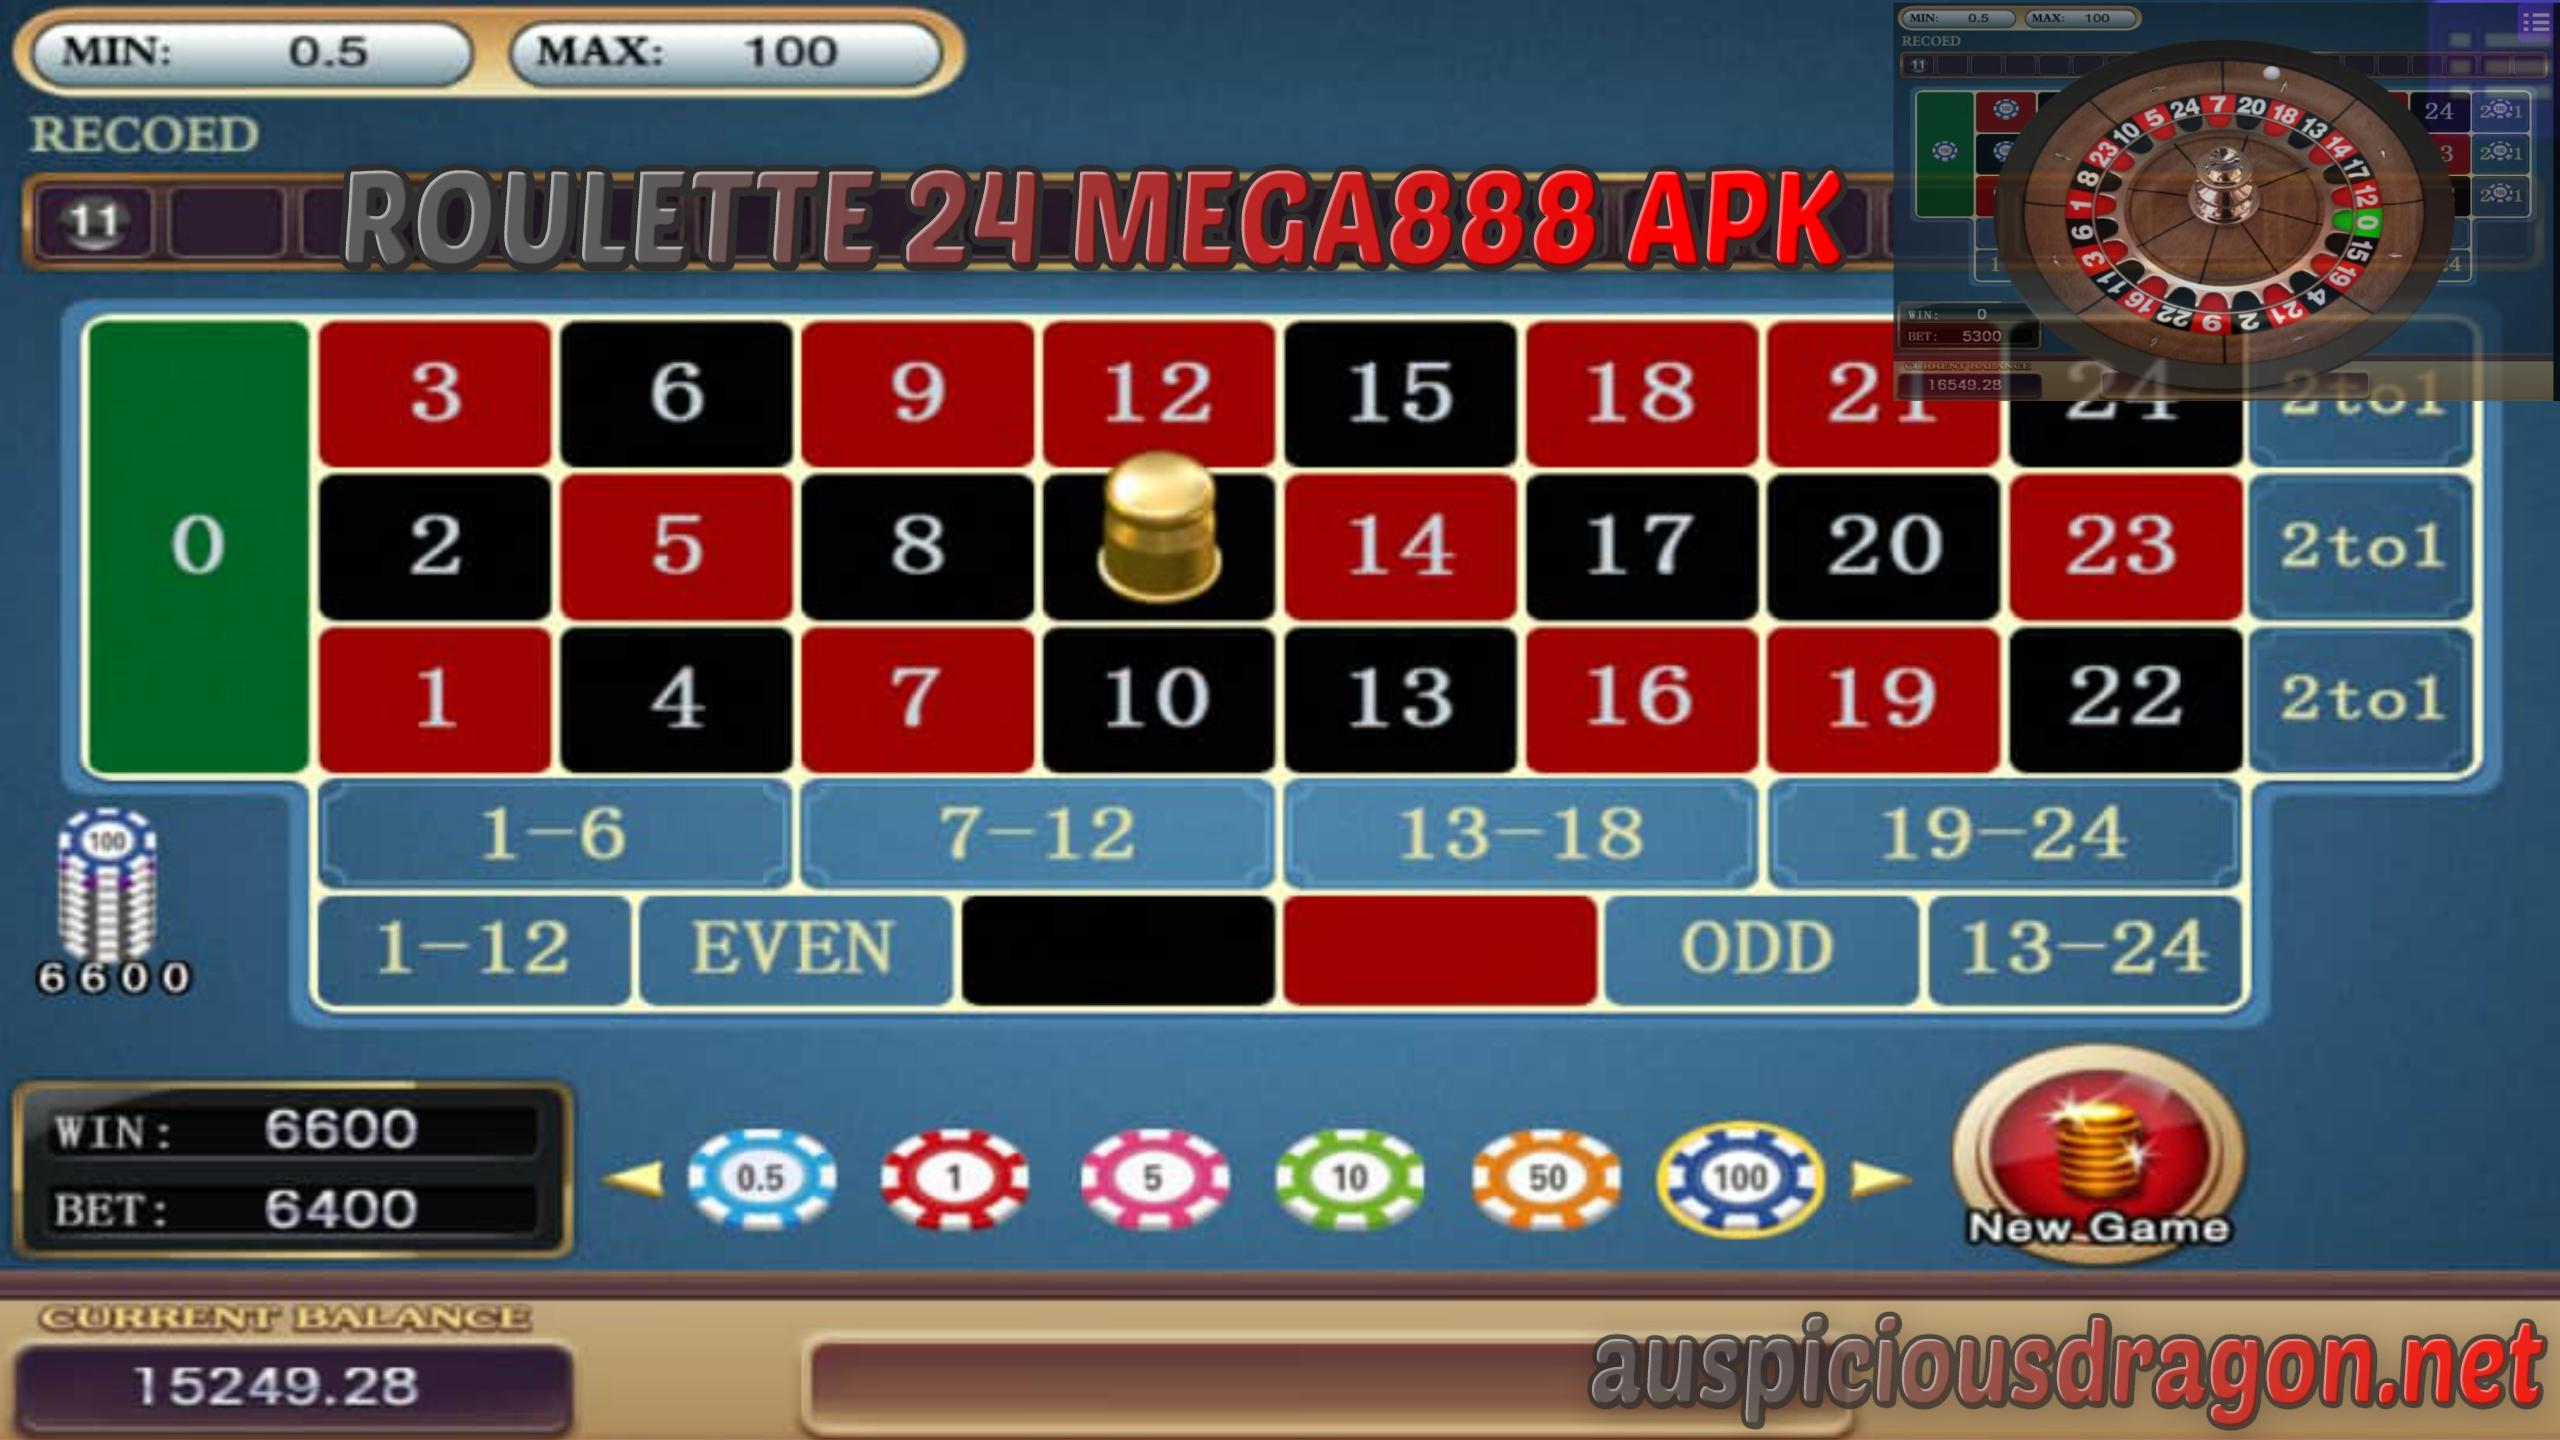 Permainan Roulette 24 mega888